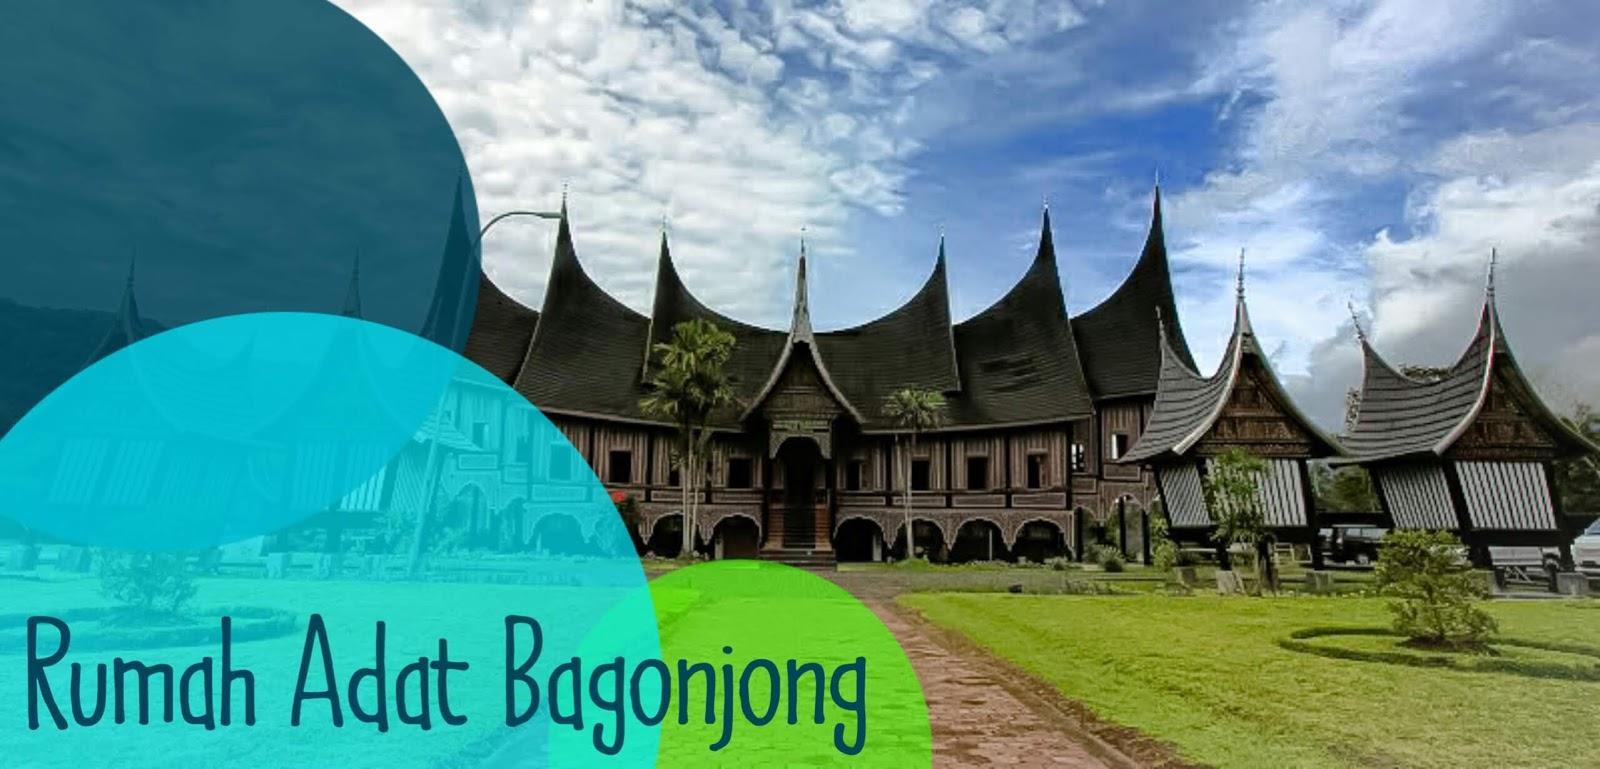 Daftar Lengkap Nama Rumah Adat 34 Provinsi Di Indonesia Dasaguru